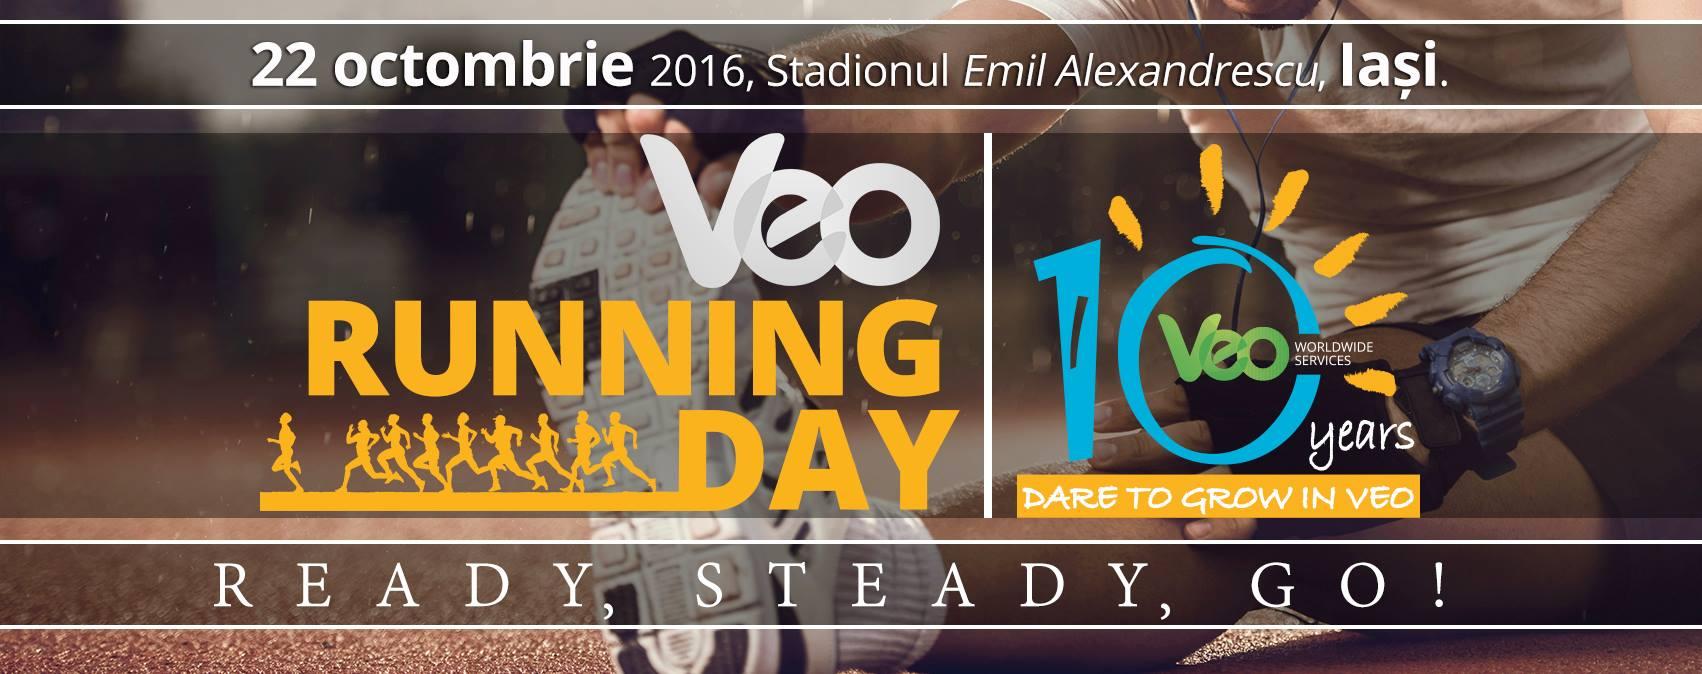 veo-running-day